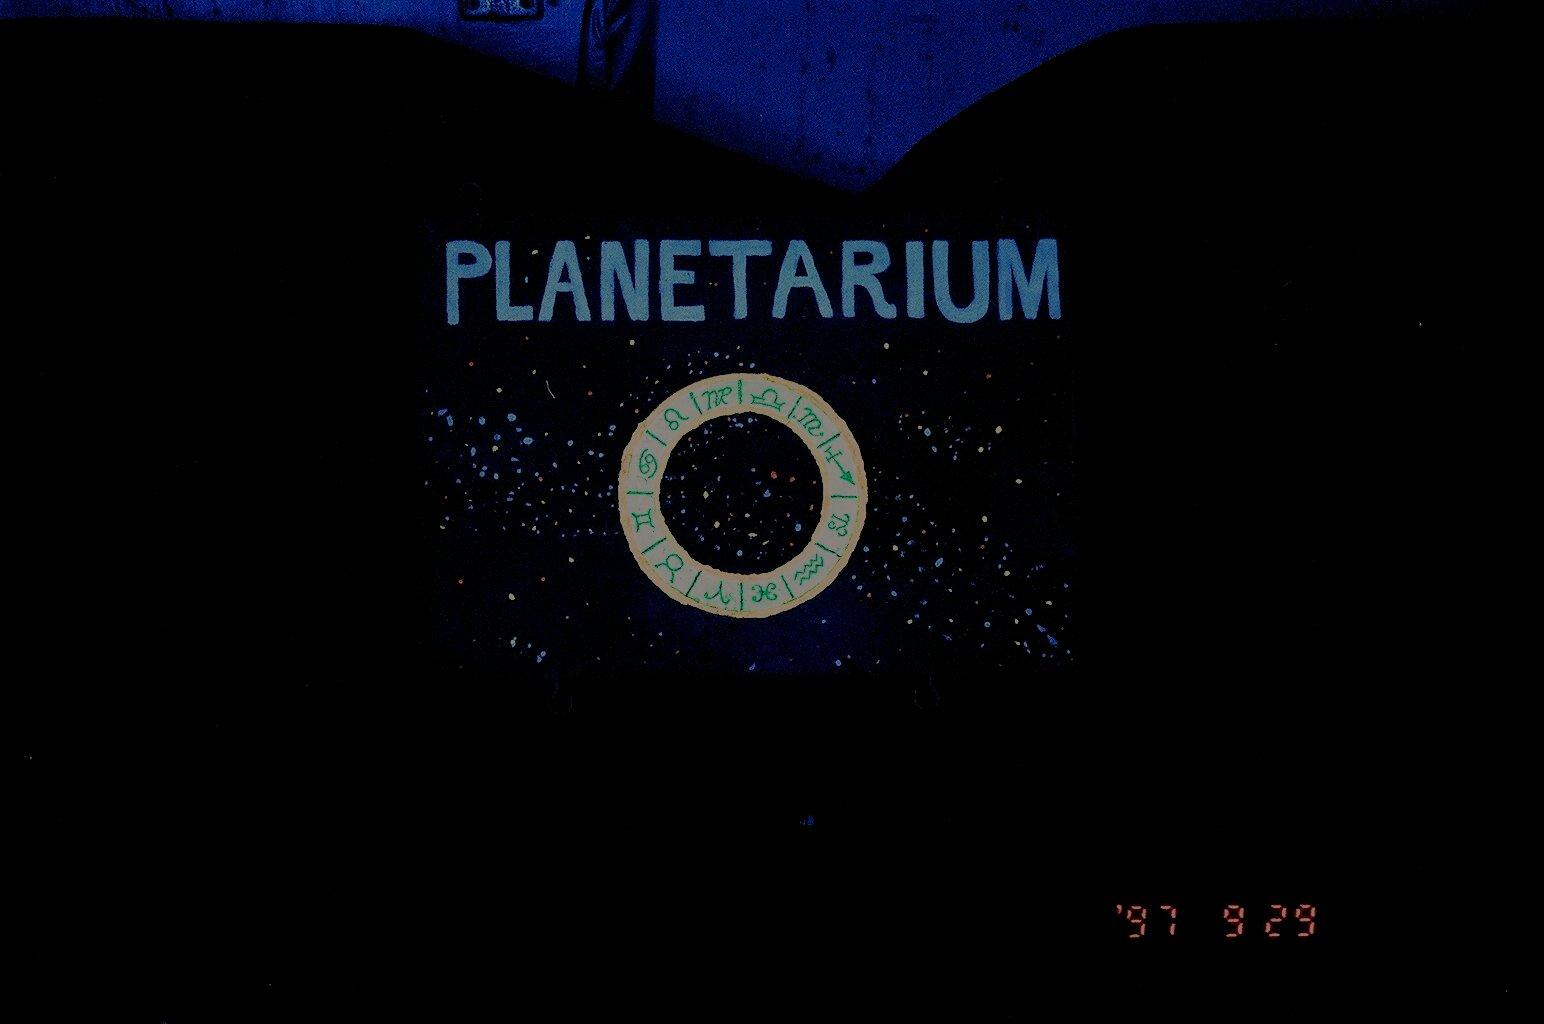 盛況のうちに終わったプラネタリウム